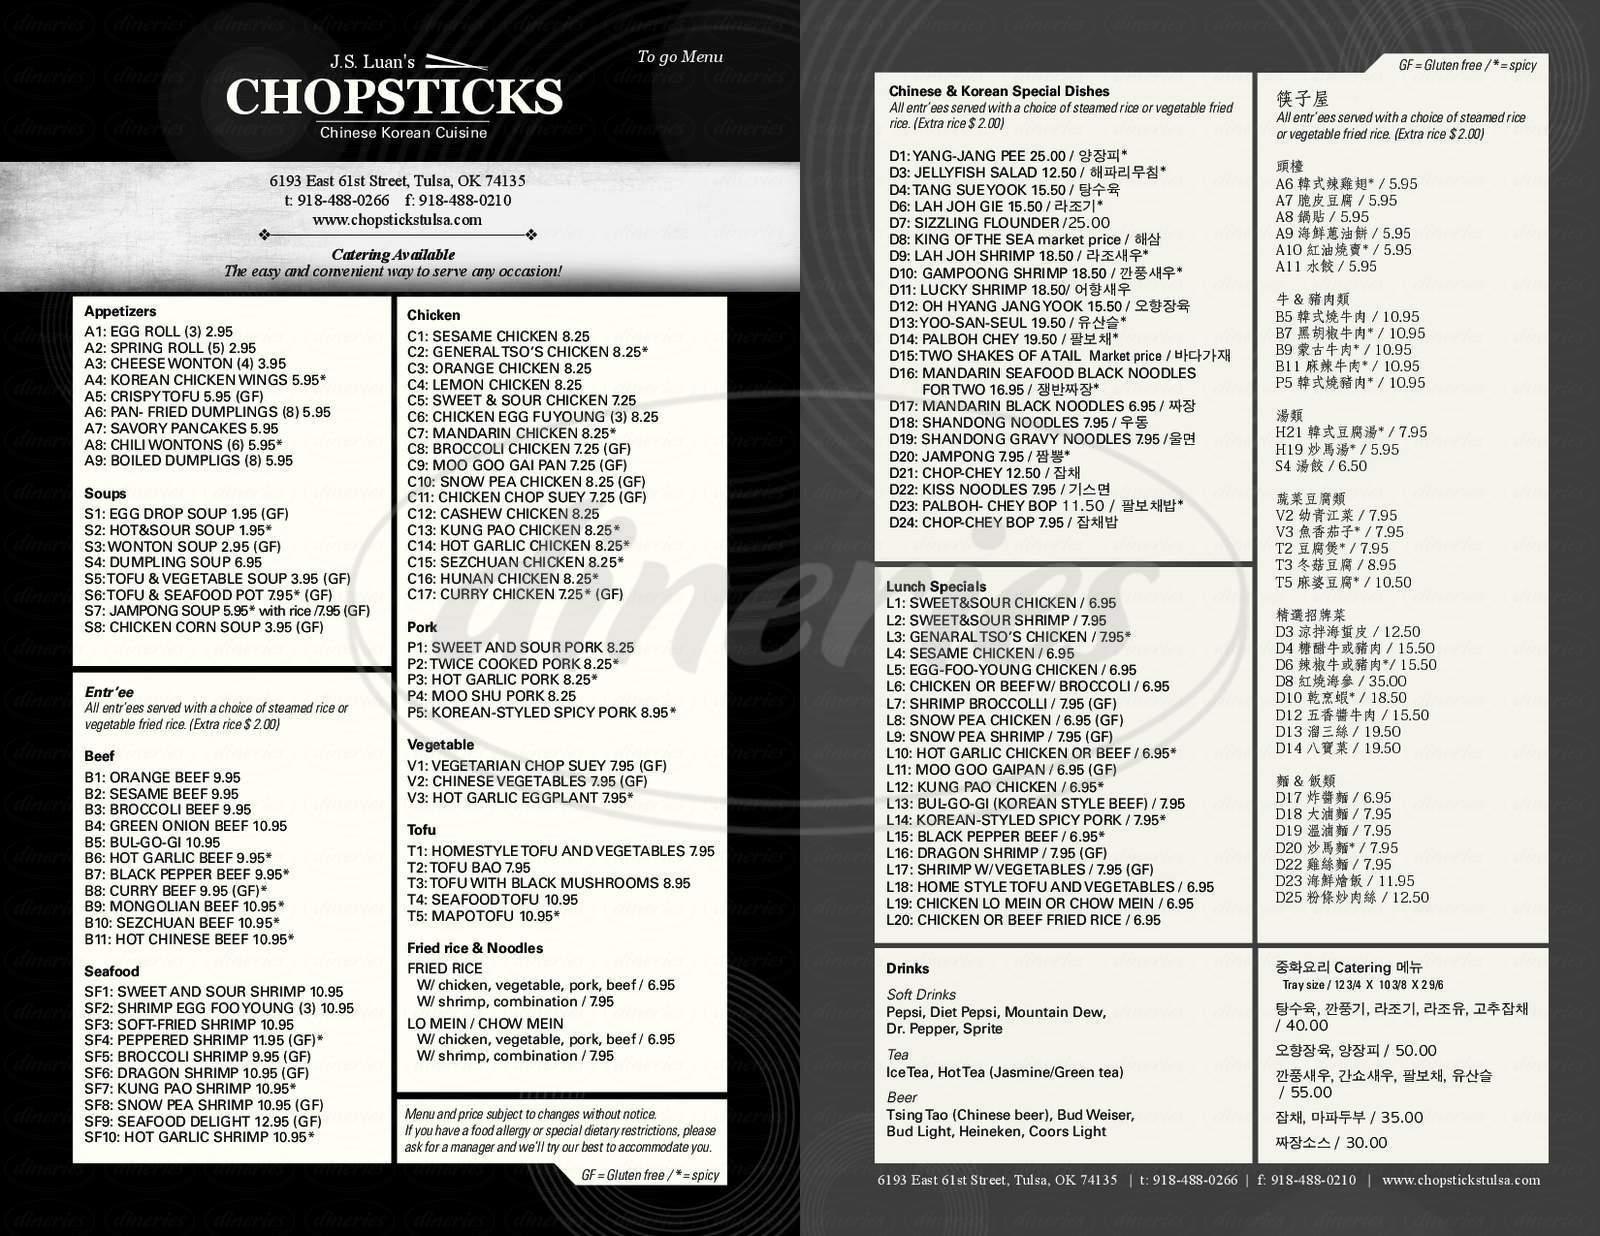 menu for Chopsticks